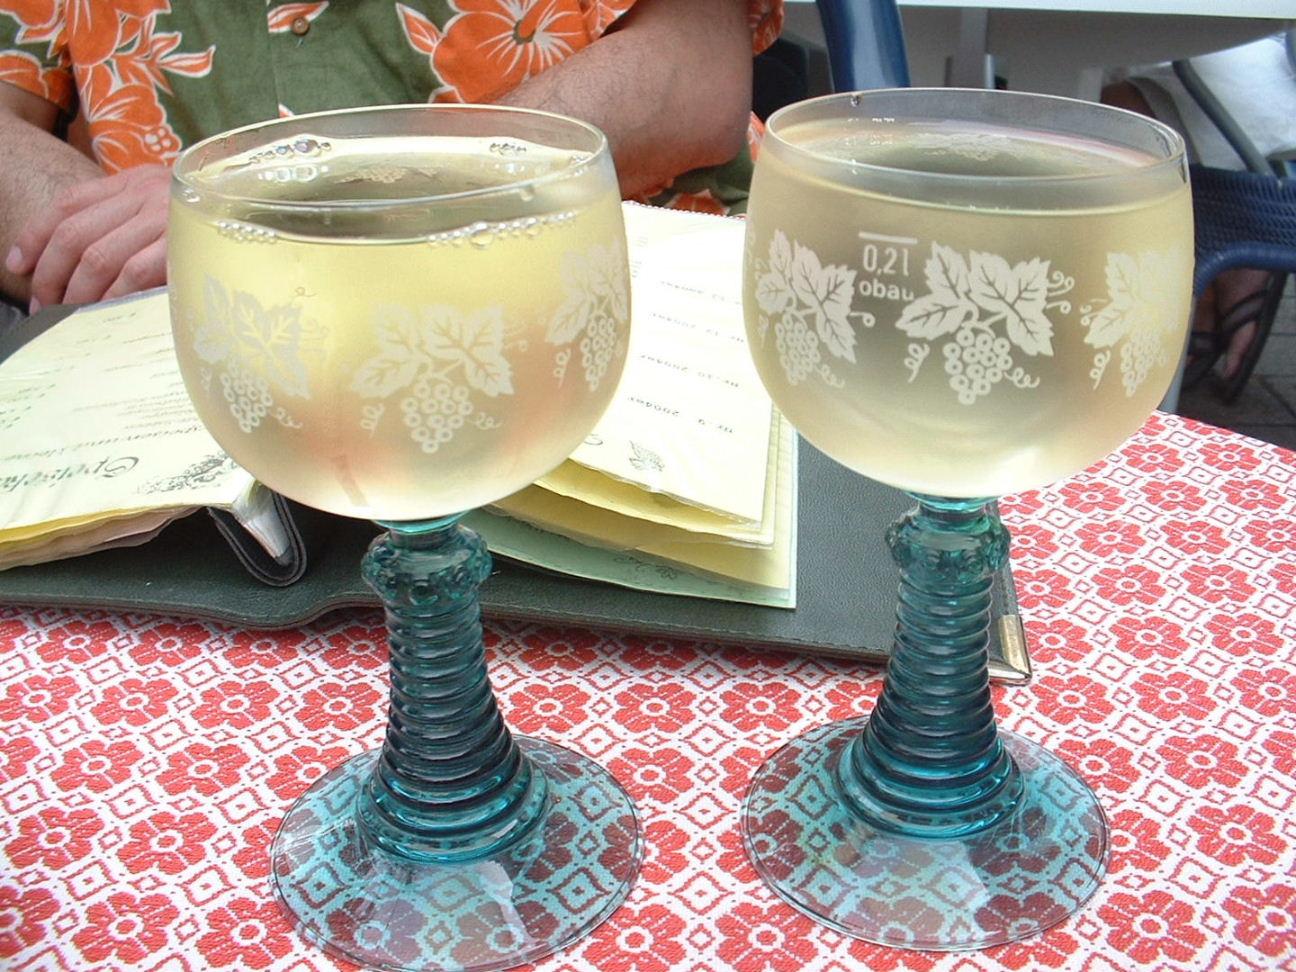 ヴィスバーデン白ワイン